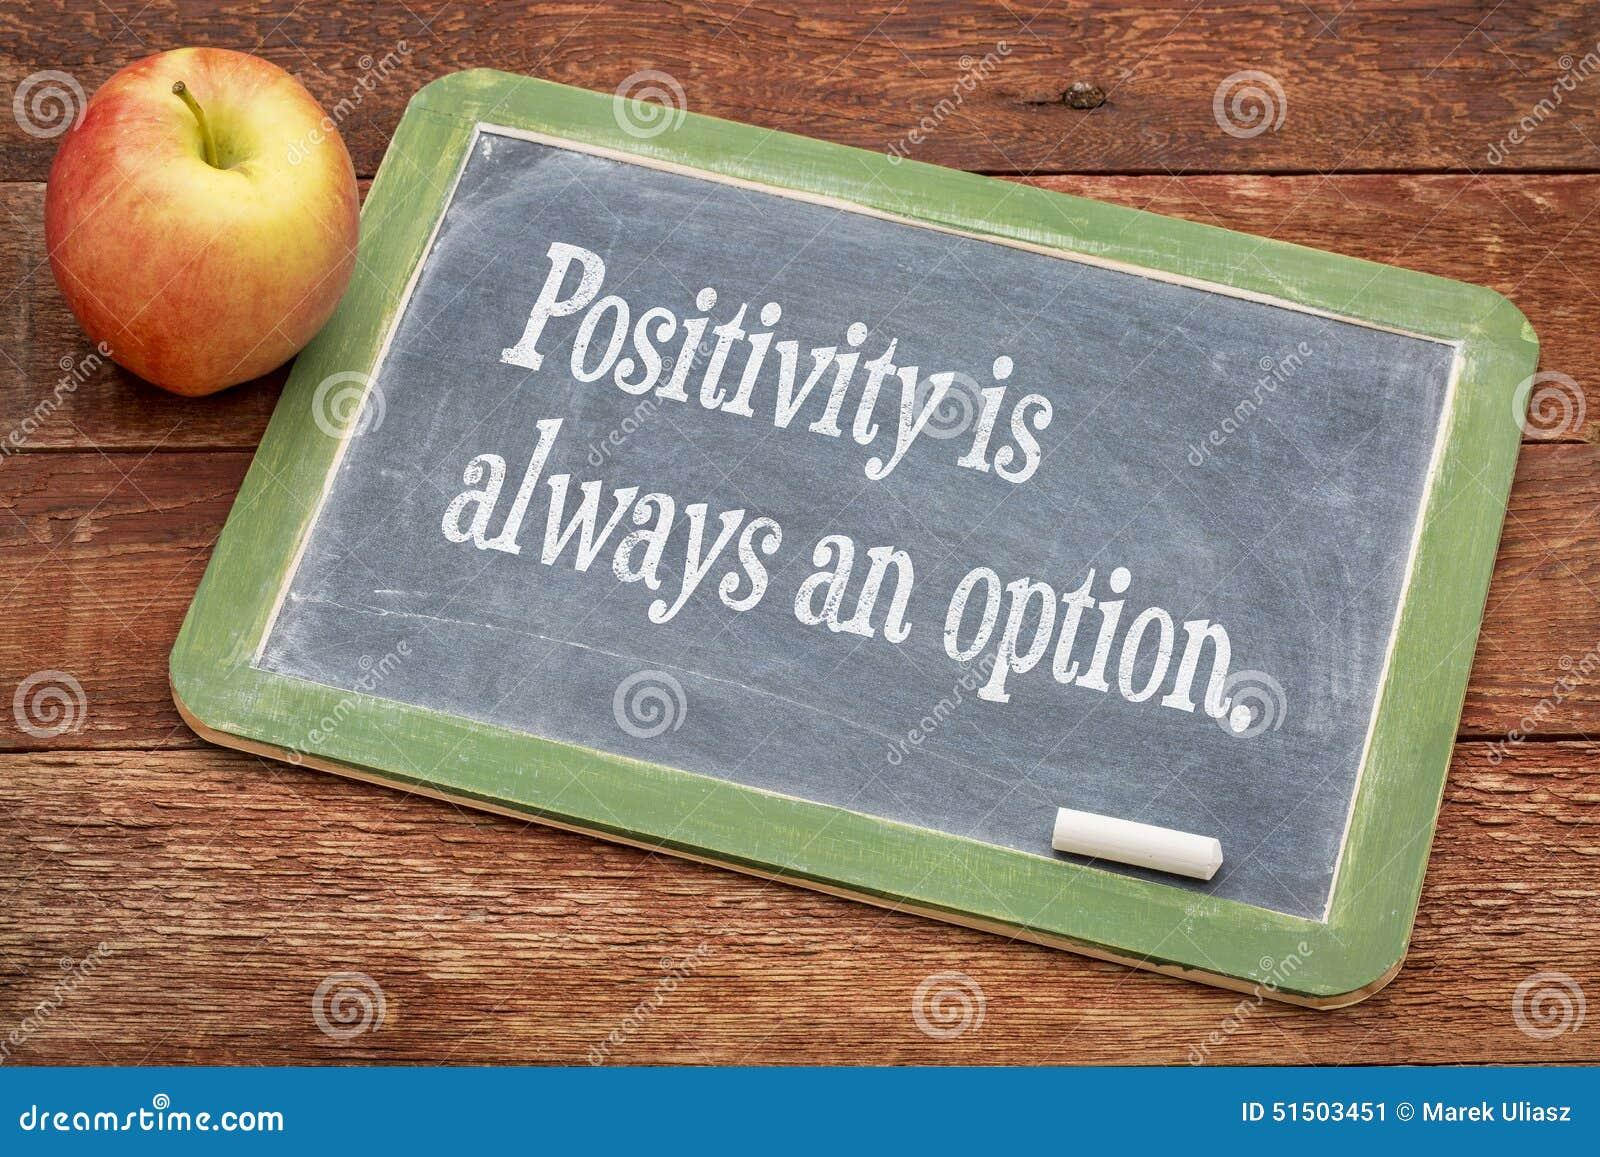 Η θετική σκέψη είναι πάντα μια επιλογή